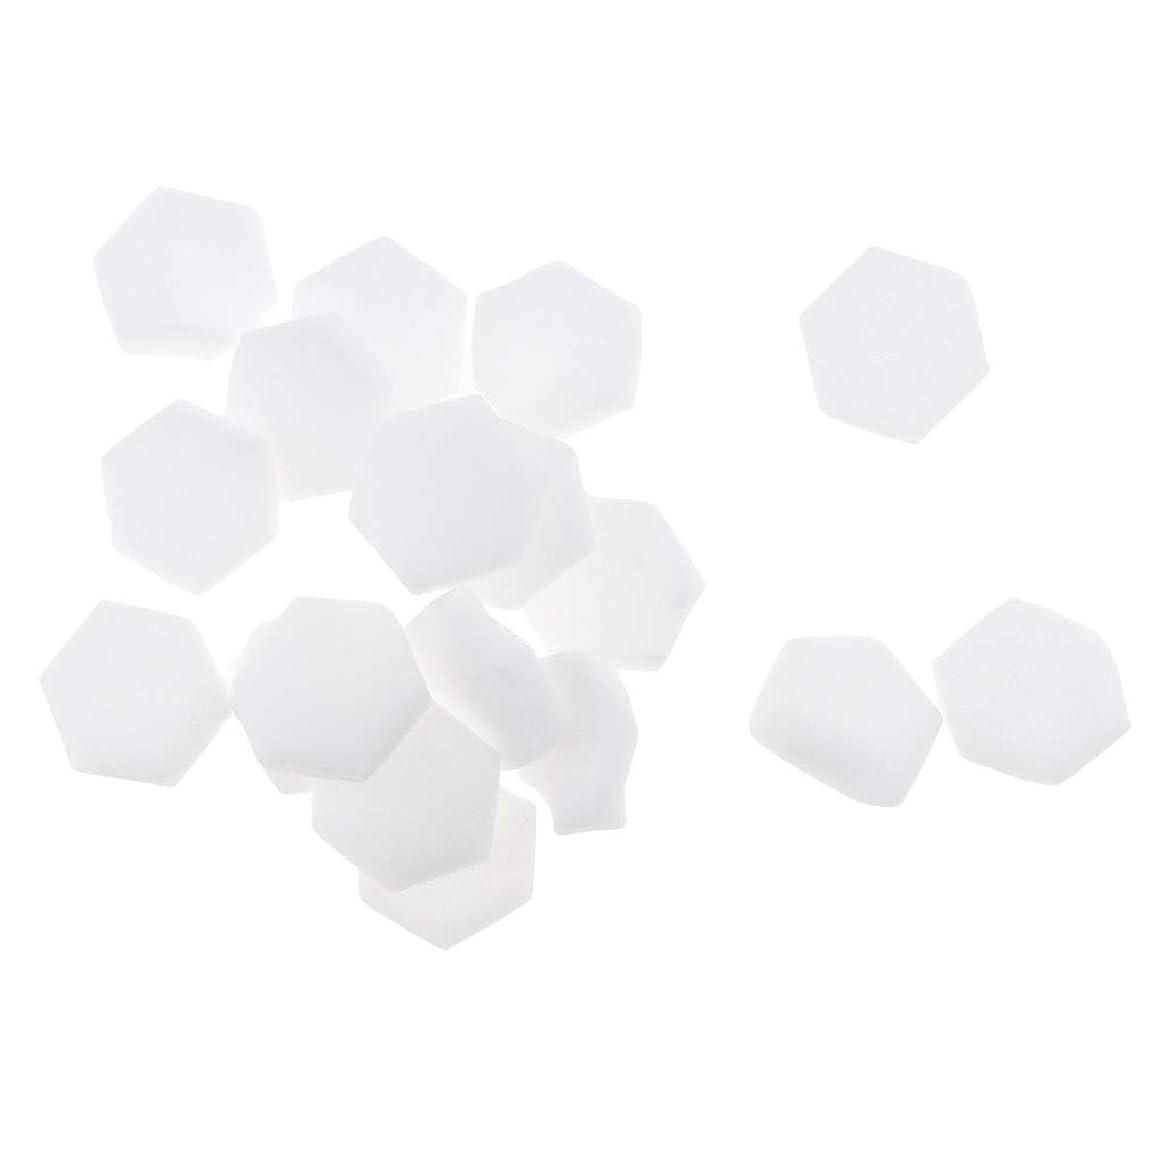 専門知識キャンディー贅沢なToygogo 80個ネイルアートグラデーションスポンジスタンプスタンピングスタンパーシェードシェーディングシェーダー転送テンプレート